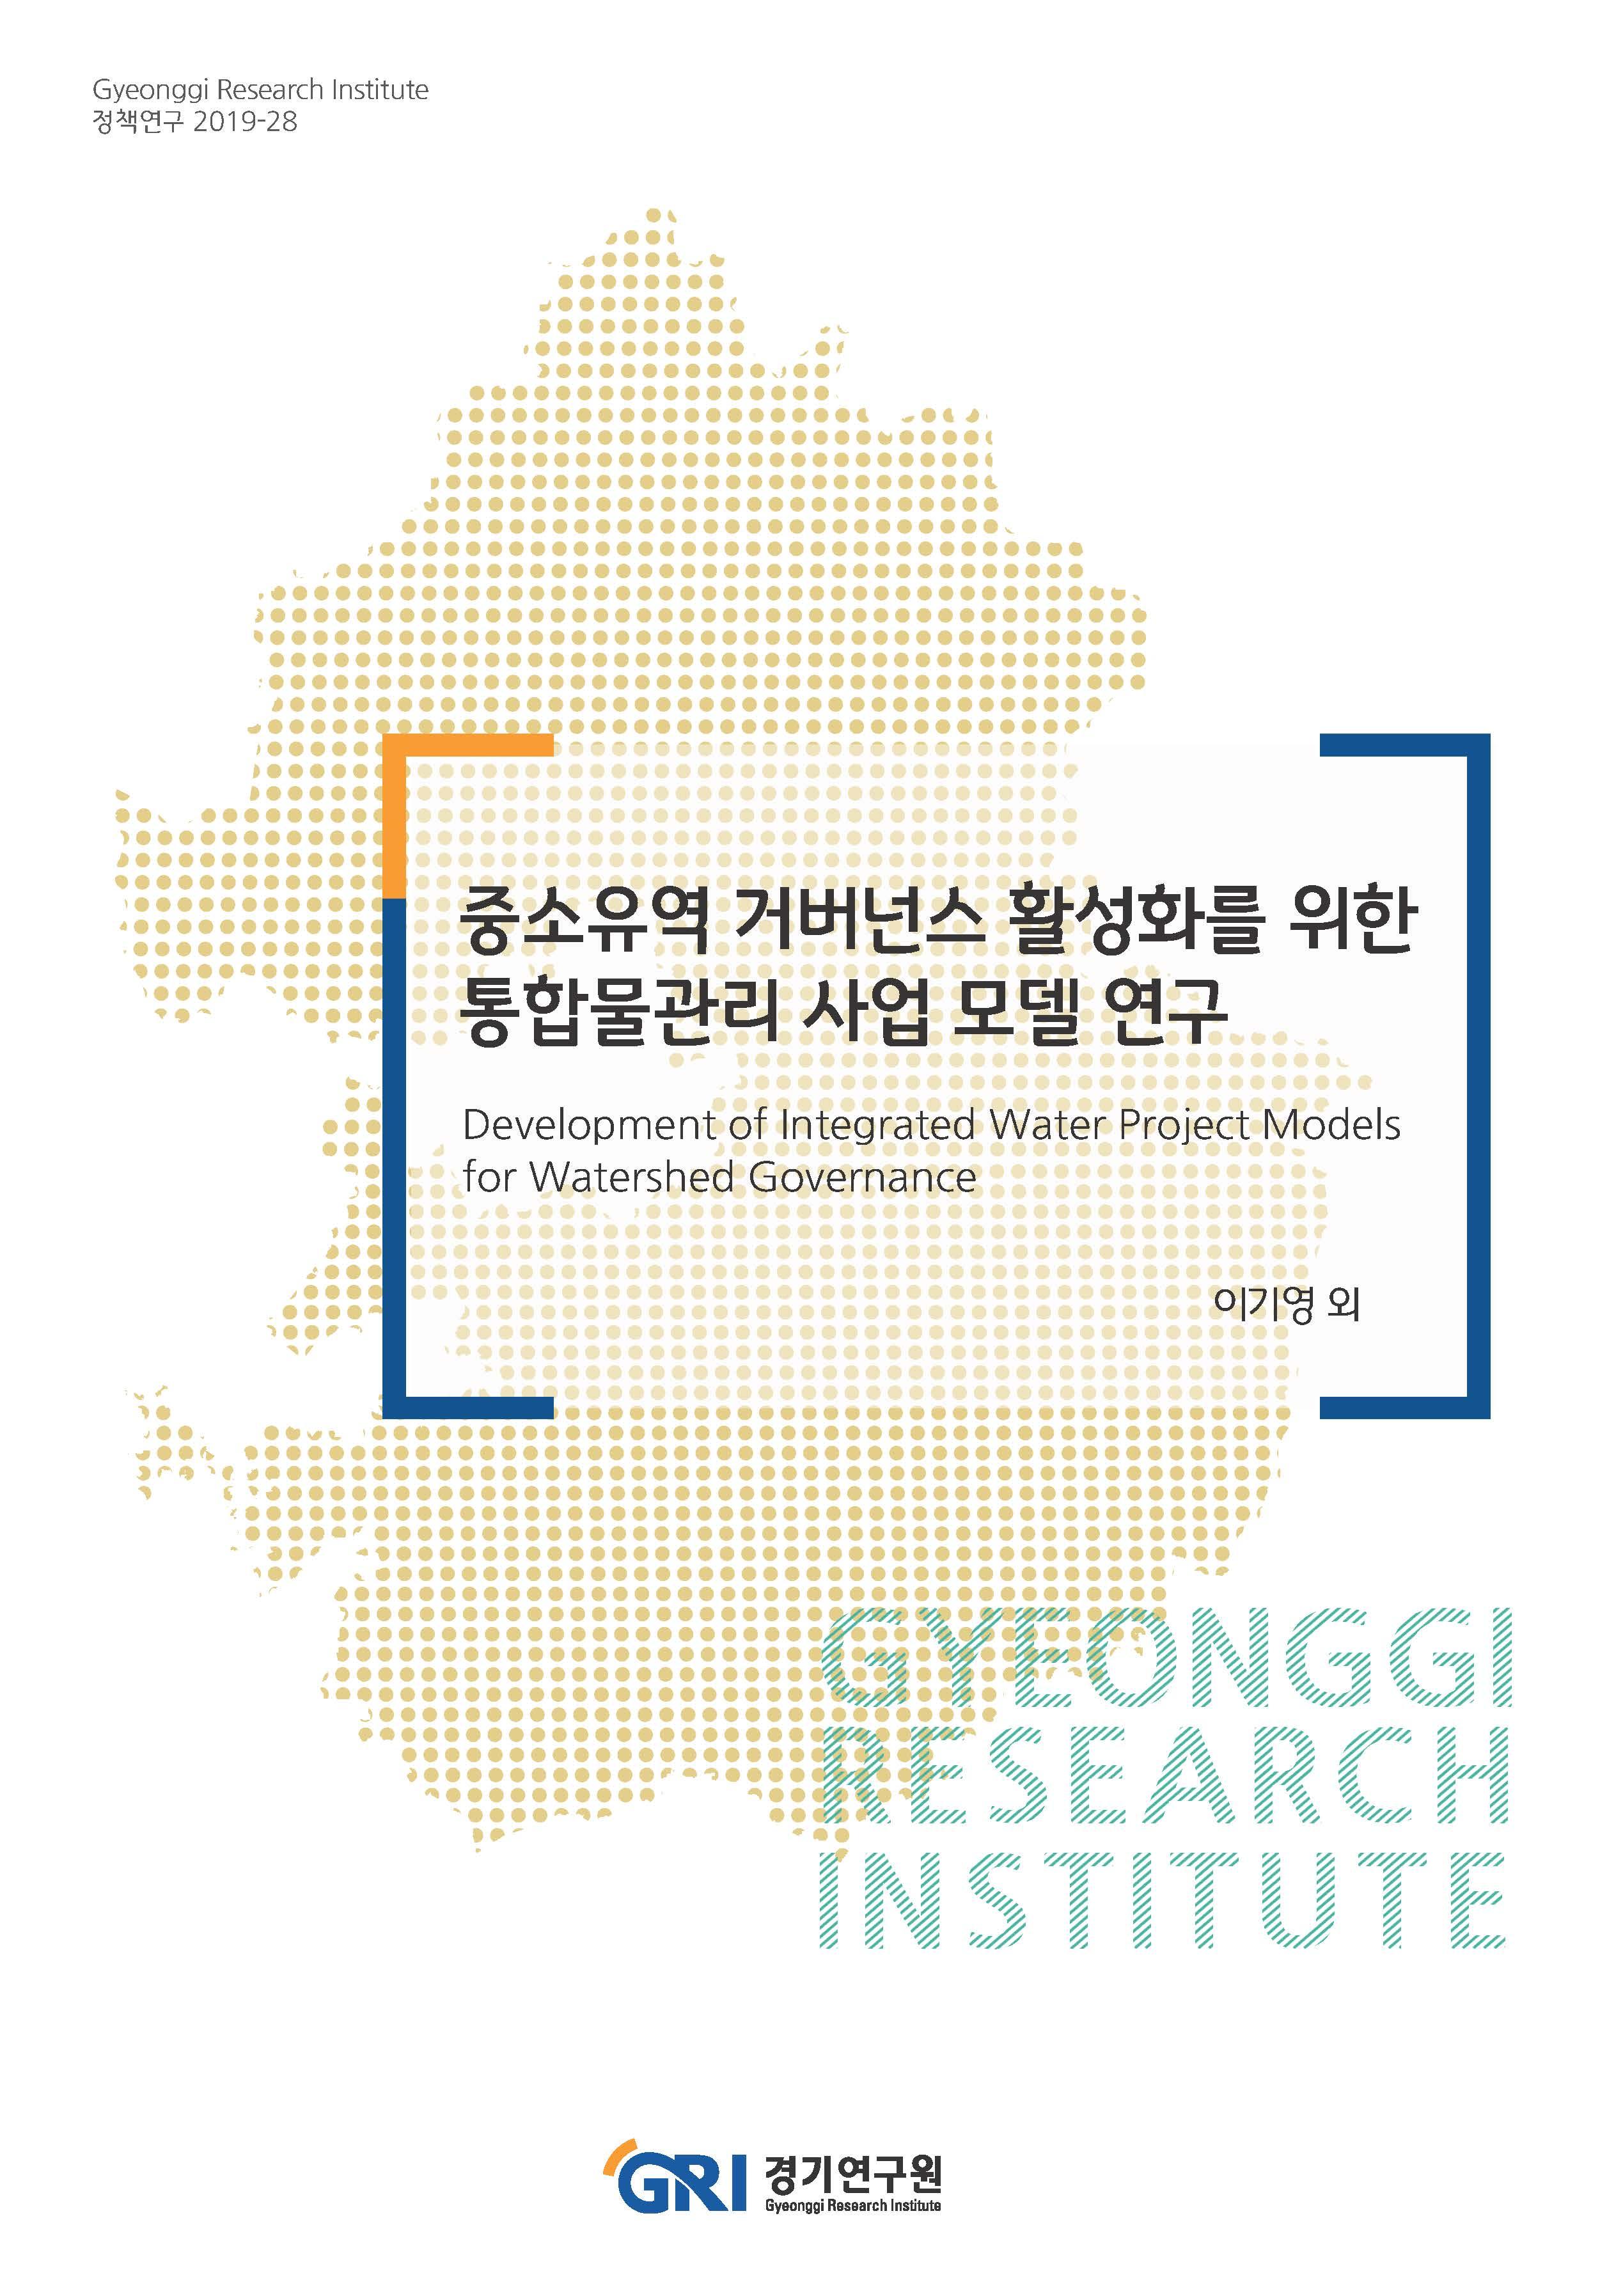 중소유역 거버넌스 활성화를 위한 통합물관리 사업 모델 연구